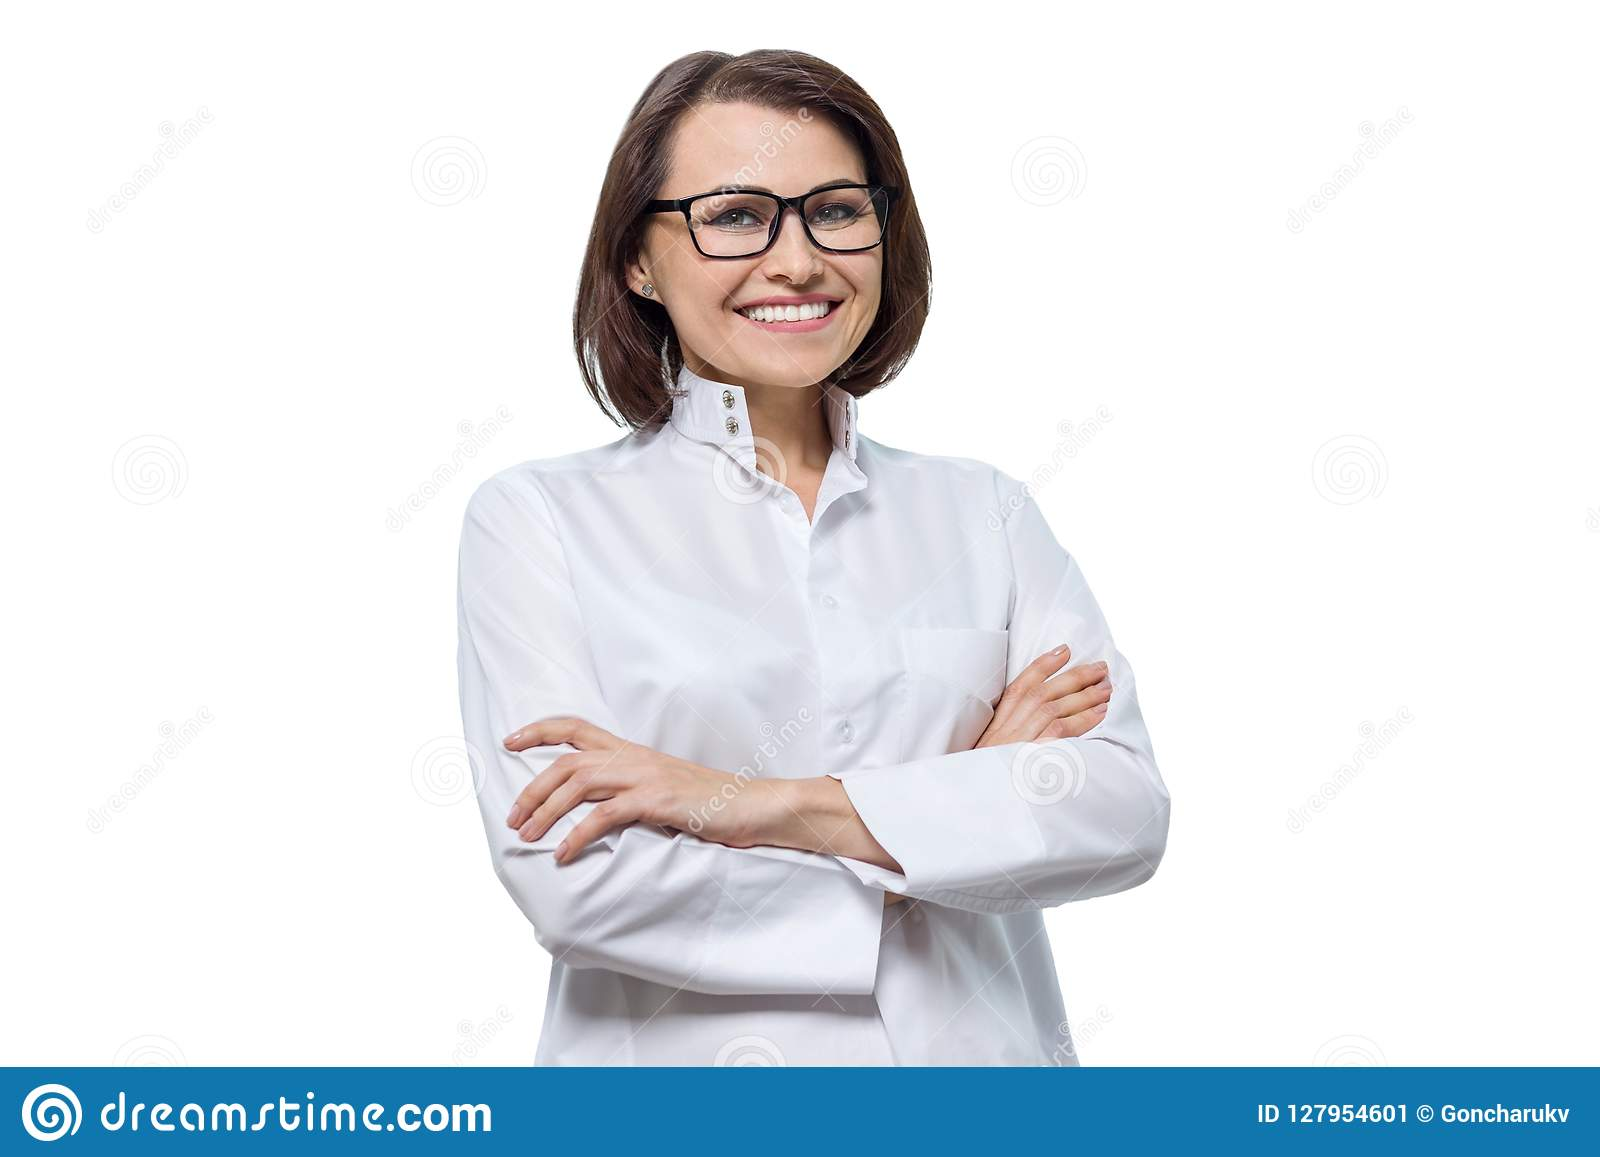 Retrato del doctor de sexo femenino sonriente con los brazos cruzados, fondo blanco del cosmetologist del adulto, aislado